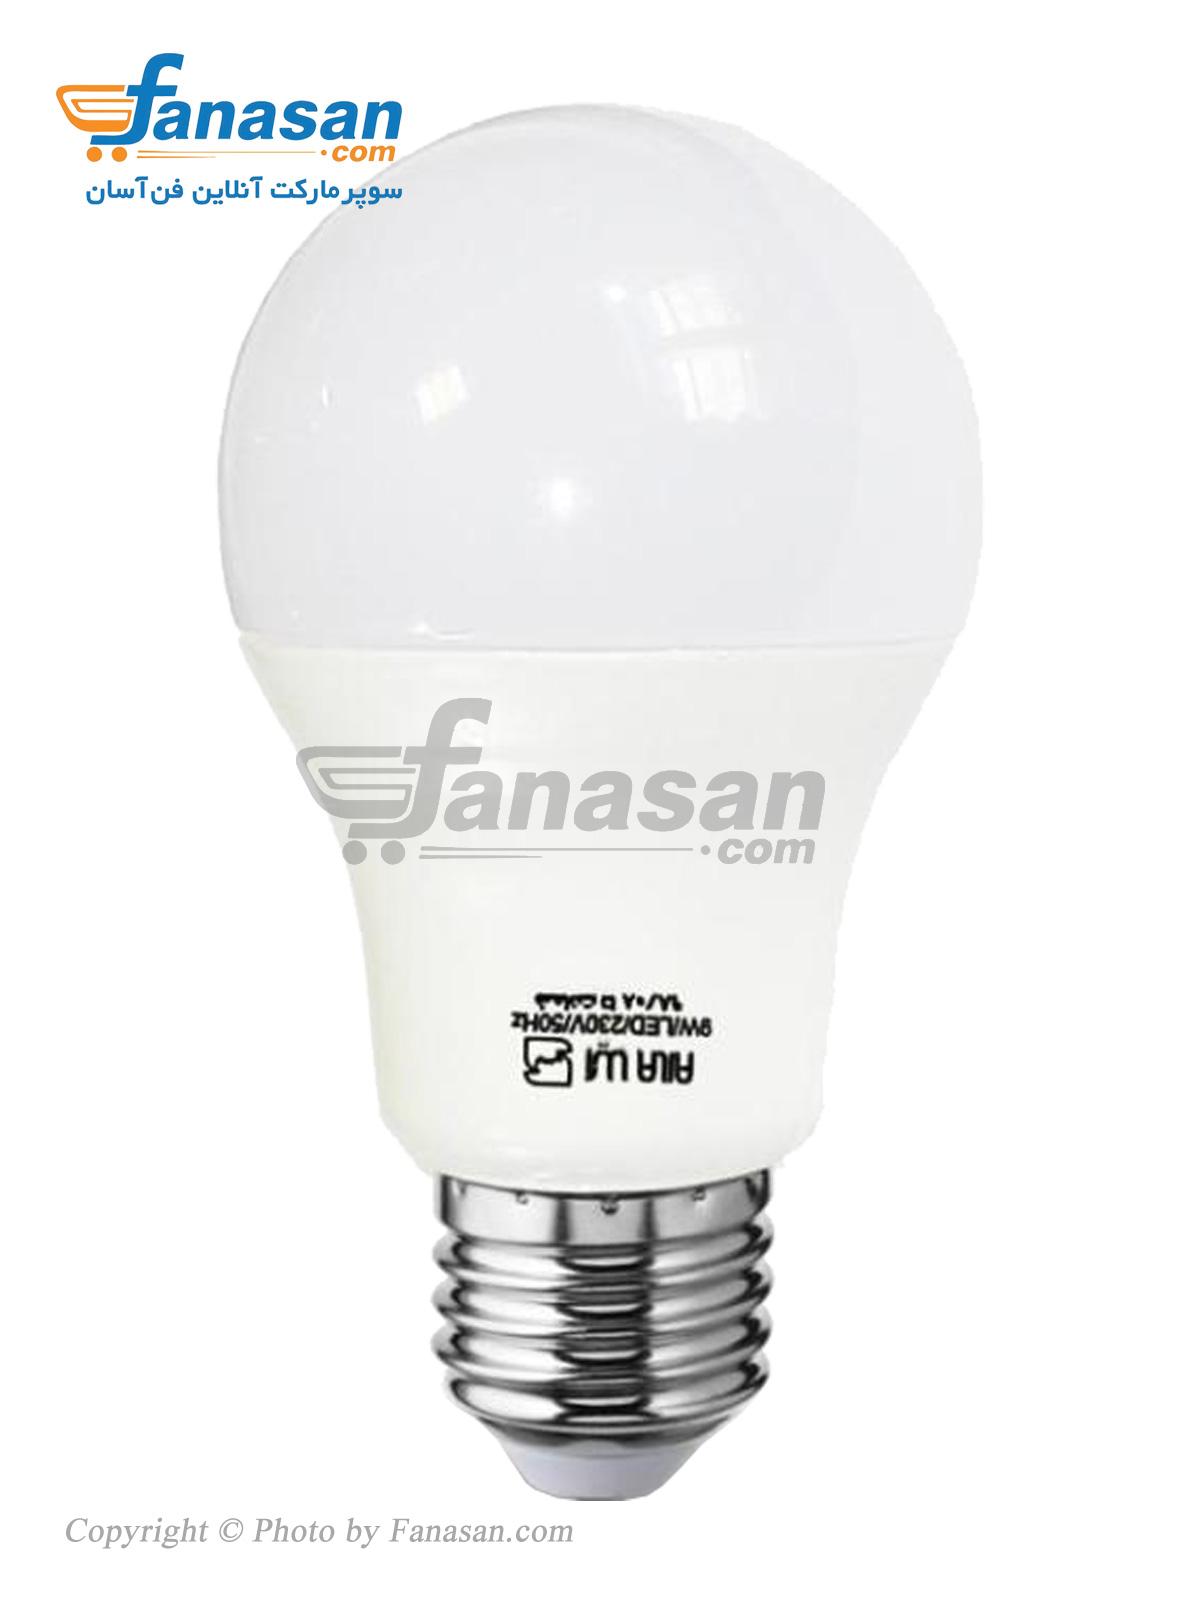 لامپ آیلا مهتابی مات مدل E27 فوق کم مصرف 9 وات